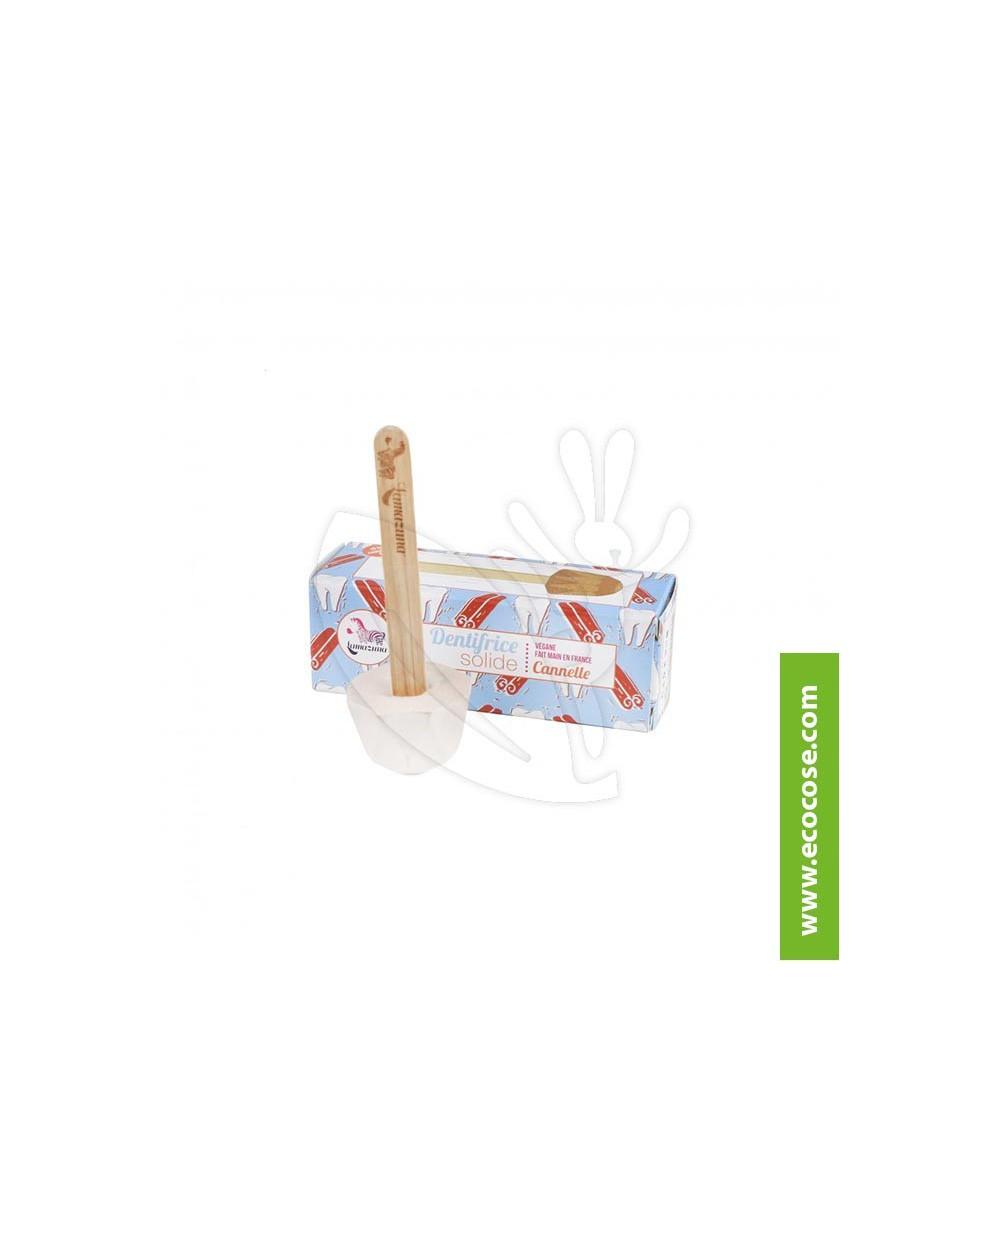 Lamazuna - Dentifricio solido alla cannella